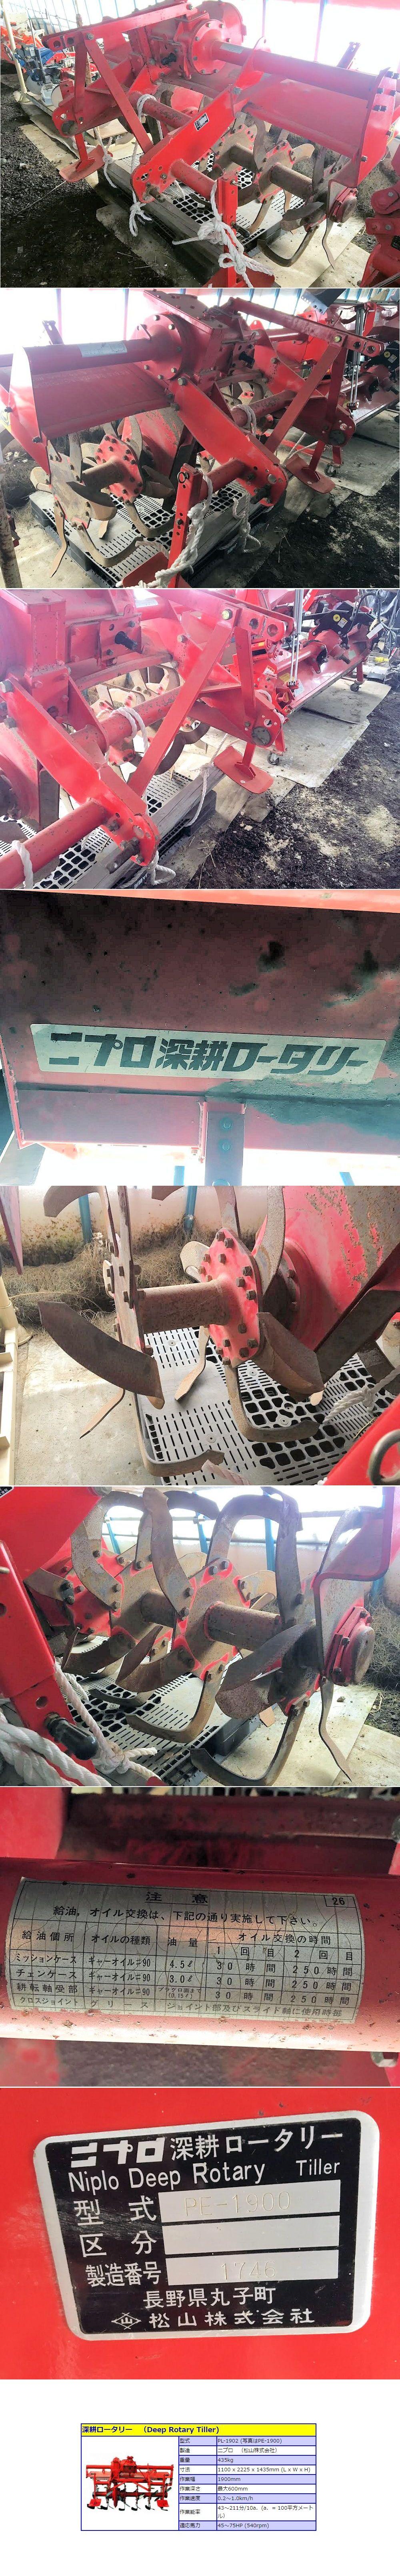 ニプロ(松山) 深耕ロータリー PE-1900 適応馬力 45~70馬力以上 希少品 実働品 中古